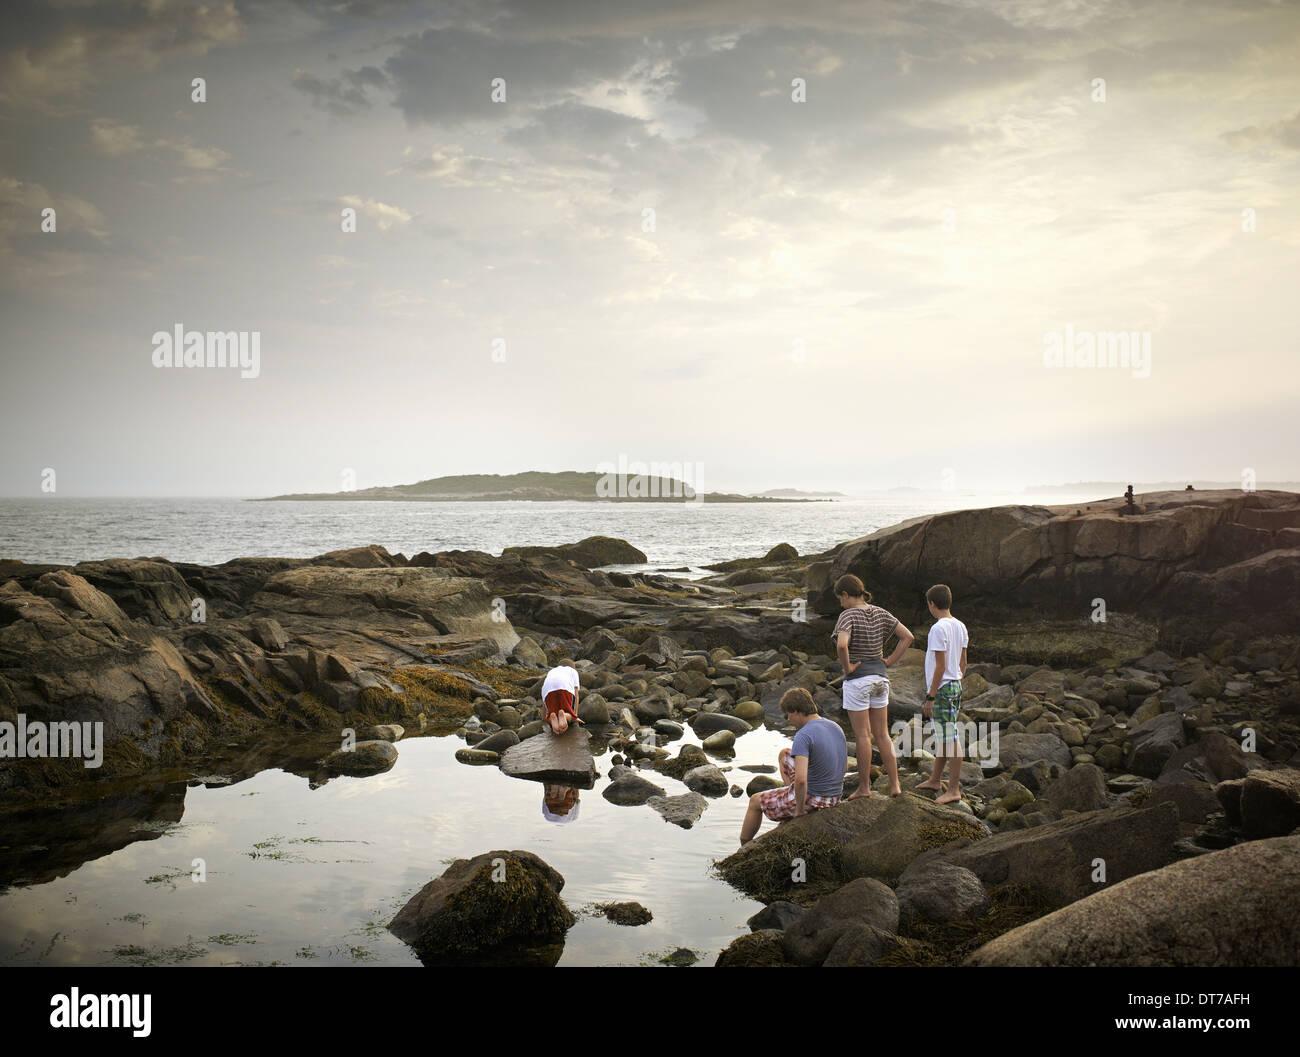 Un gruppo di persone sulla riva rock pooling e esplorare la vita marina vista di un'isola offshore USA Immagini Stock